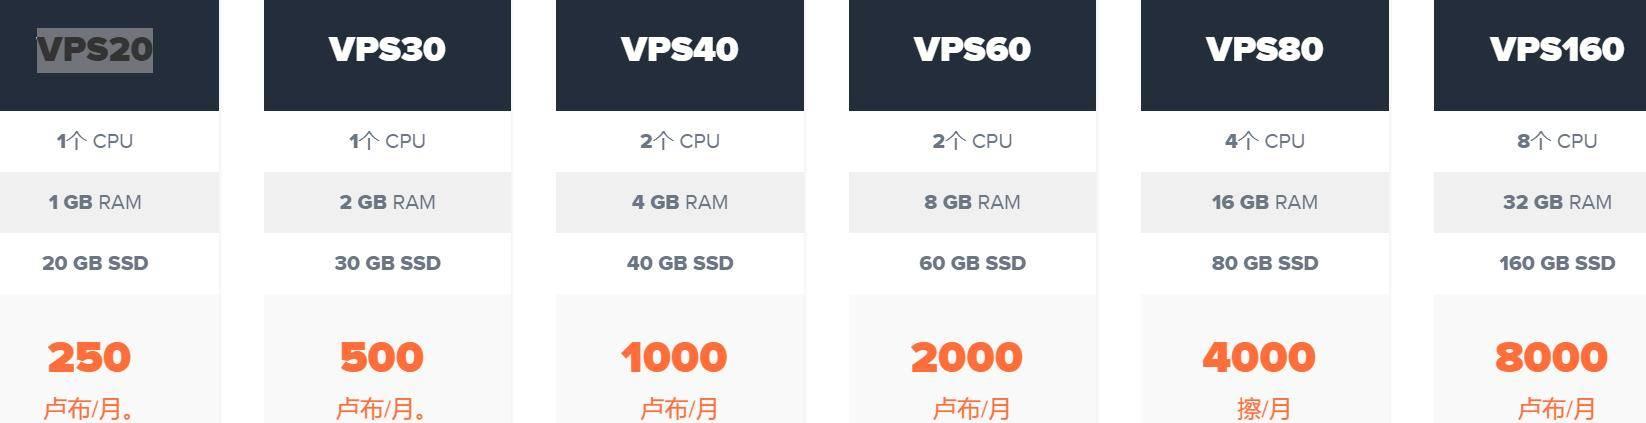 羊毛党之家 毛子机不评价-skyvps.ru:$4/月/1GB内存/20GB SSD空间/不限流量/200Mbps/KVM/俄罗斯莫斯科